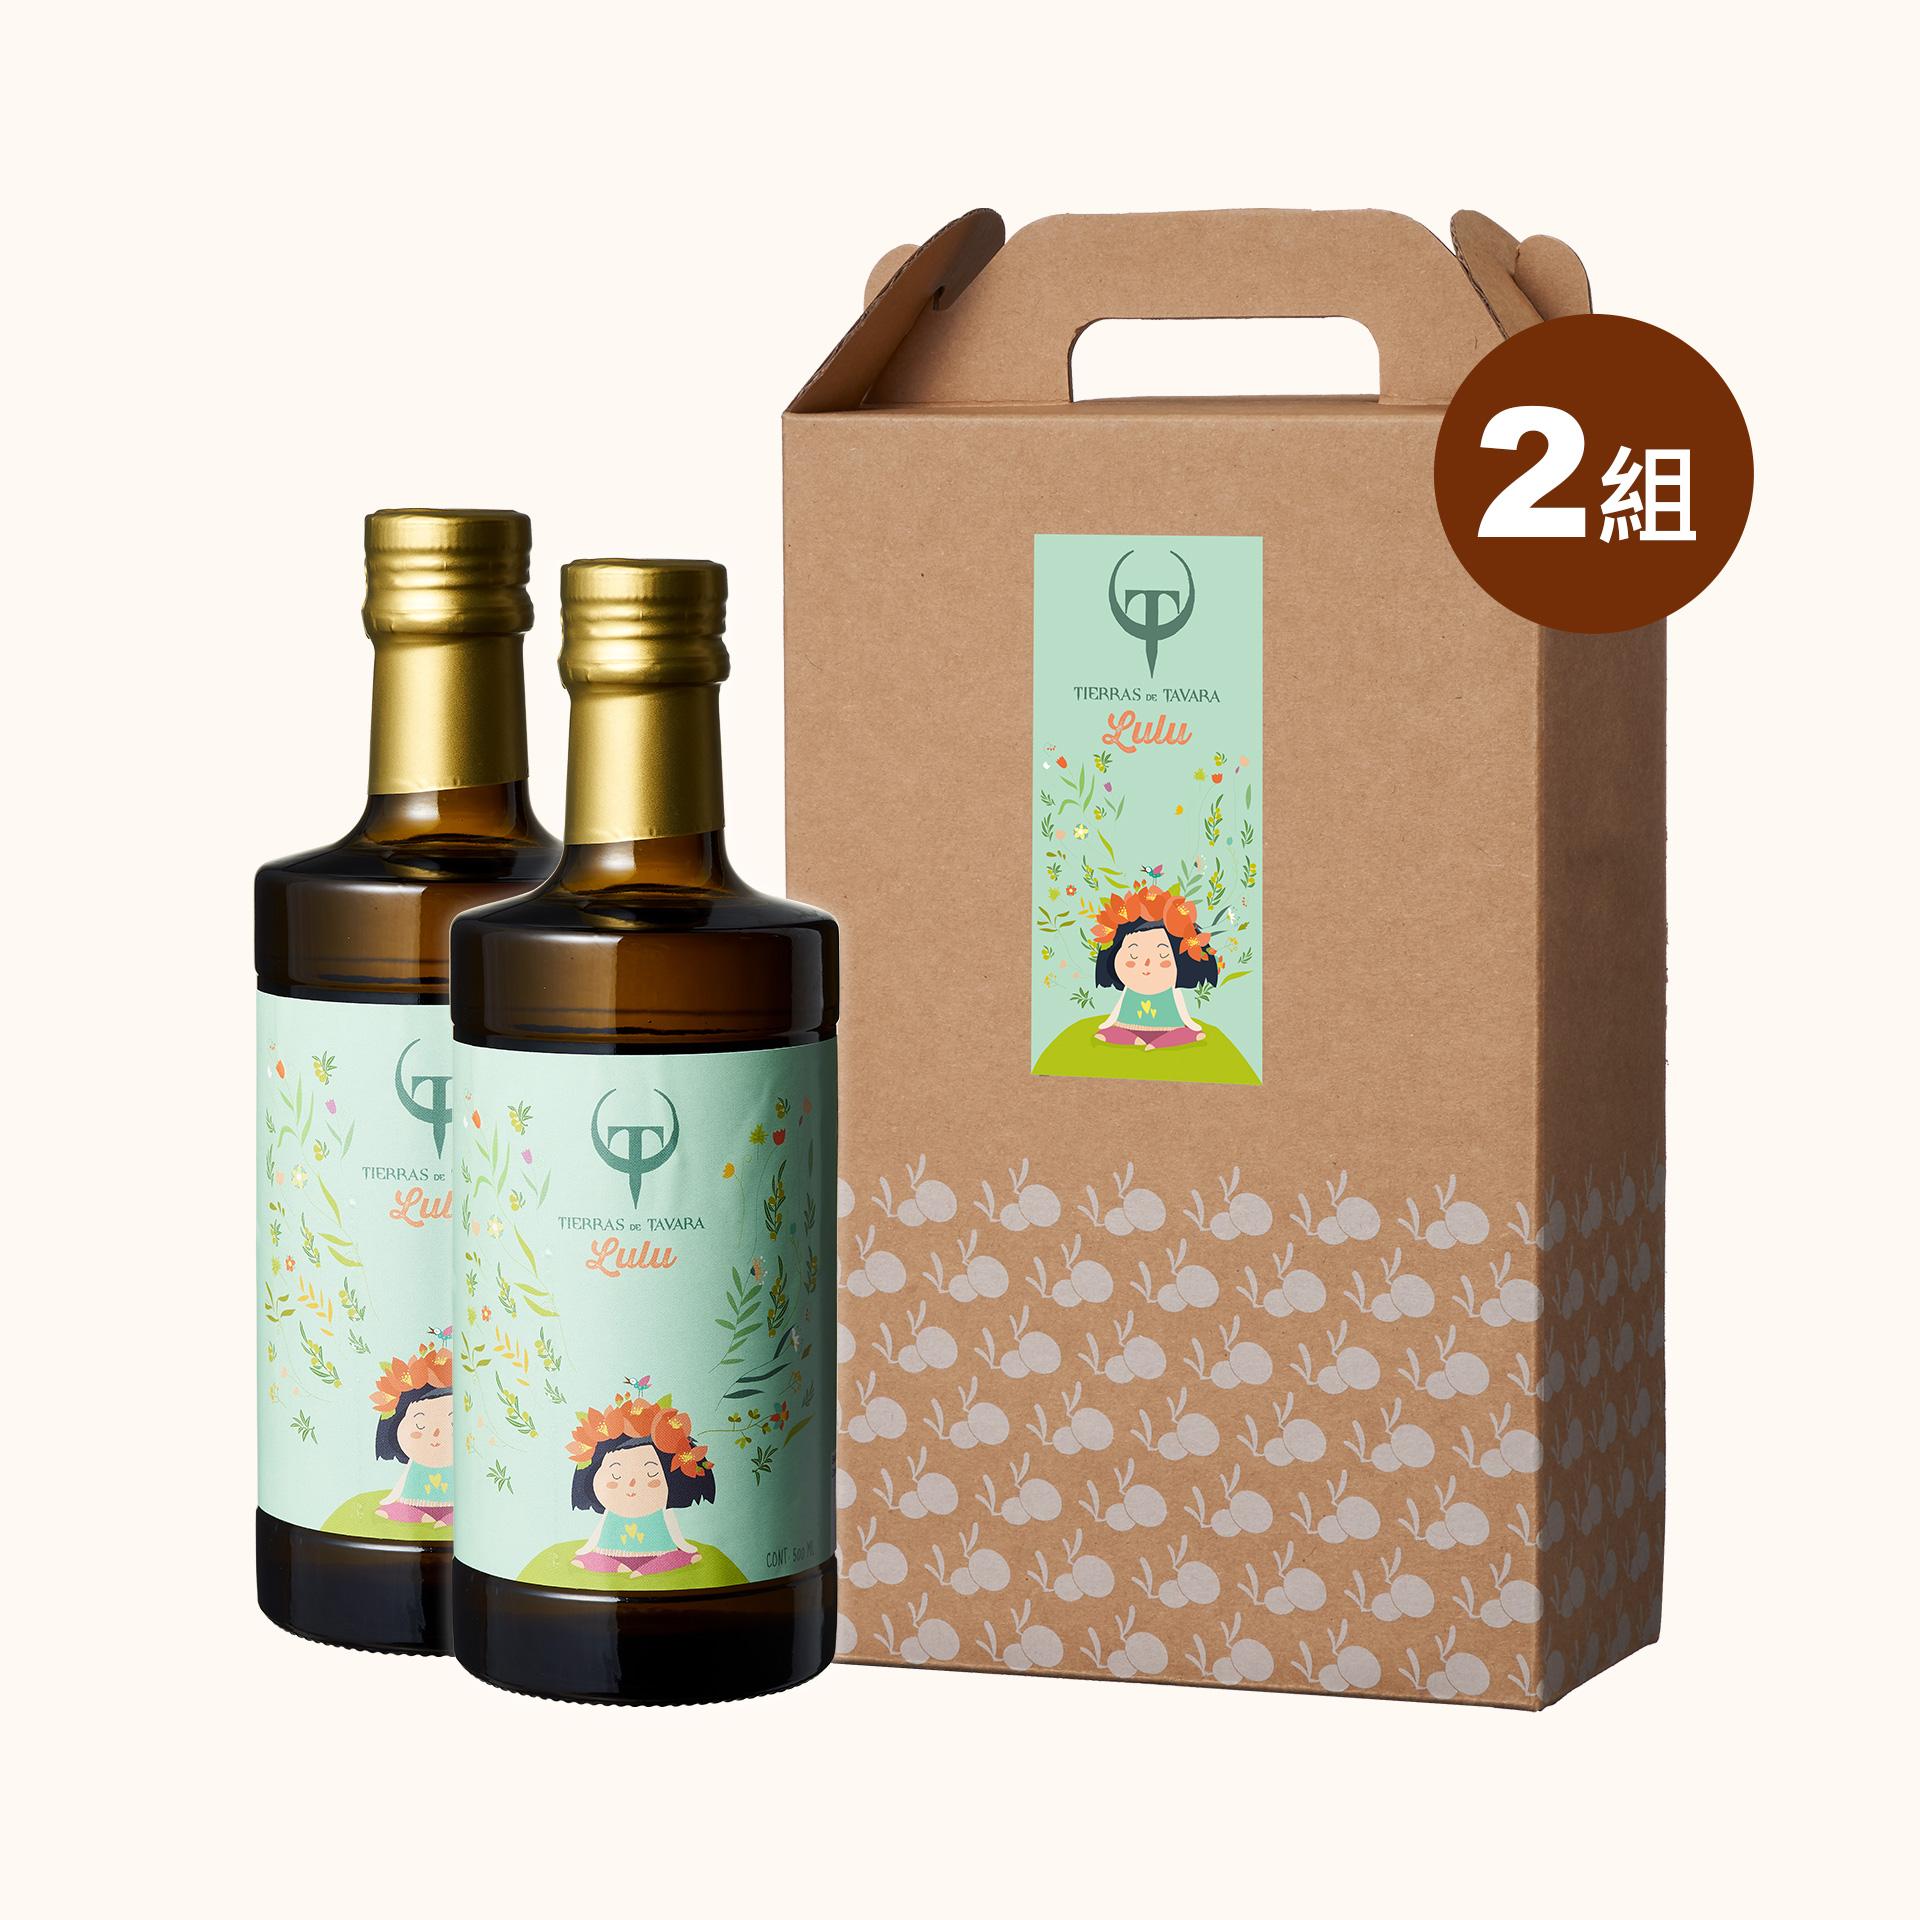 【年節禮盒】Lulu's頂級初榨橄欖油4入 (禮盒2組,共4入)